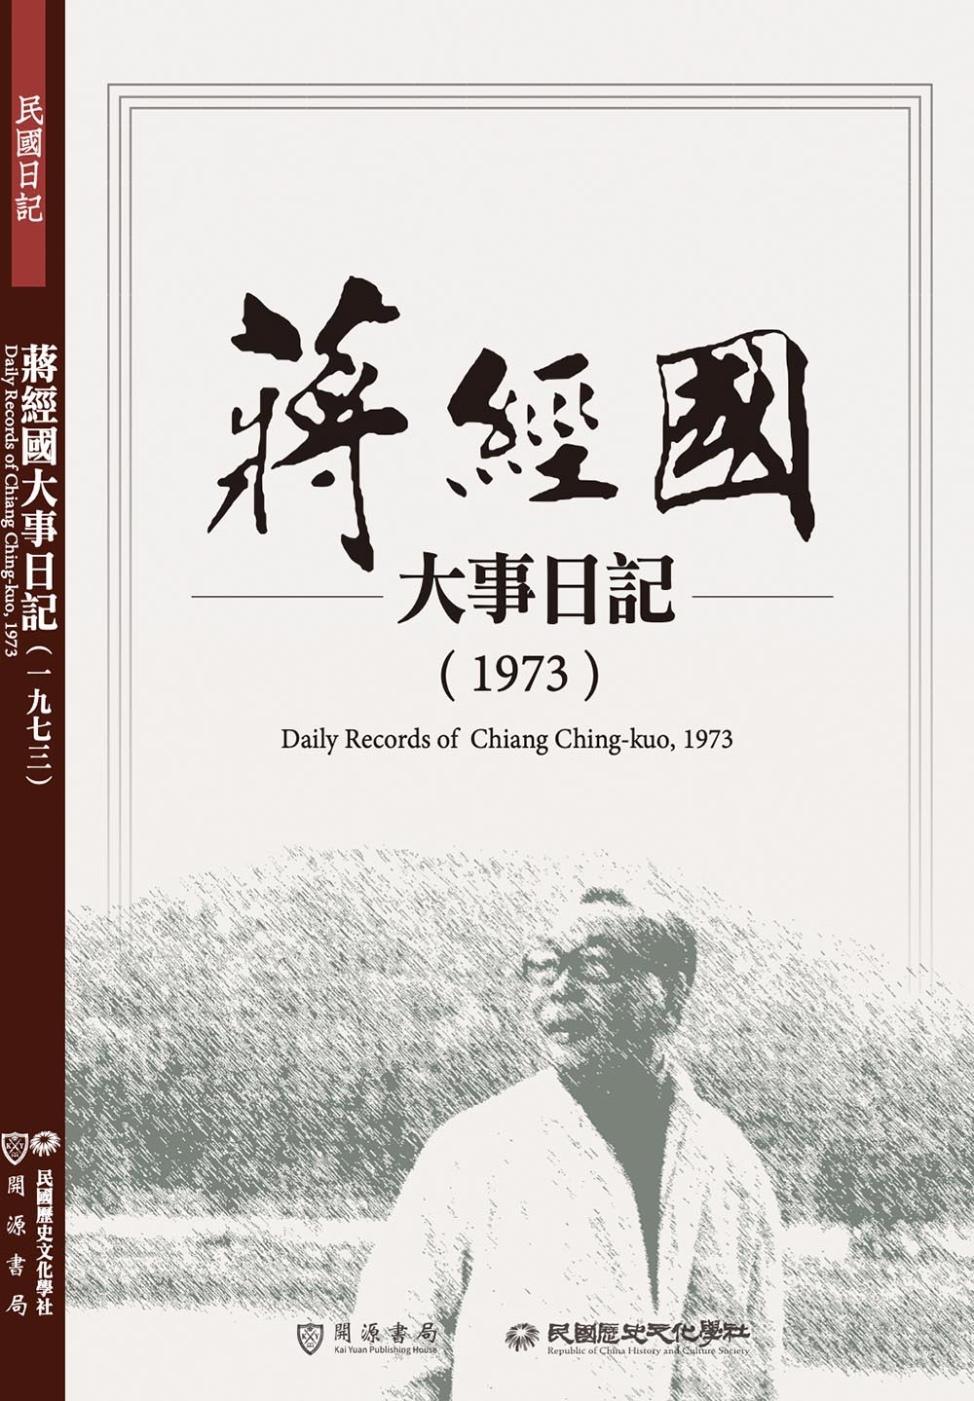 蔣經國大事日記(1973)